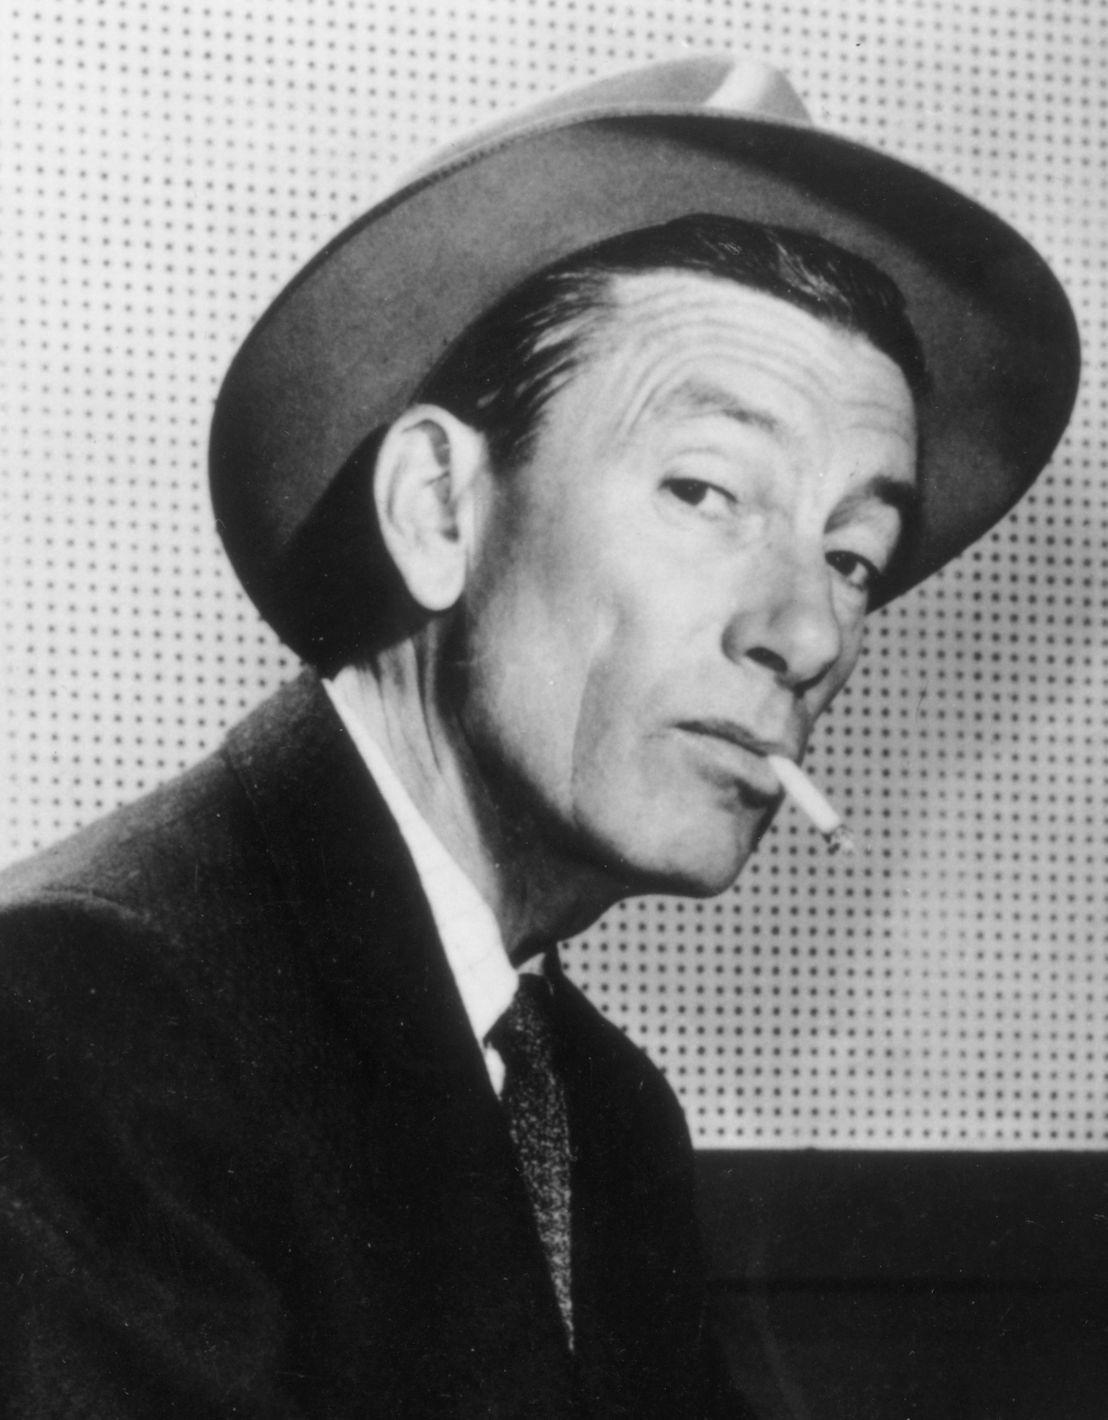 Hoagy Carmichael (1927-1934)